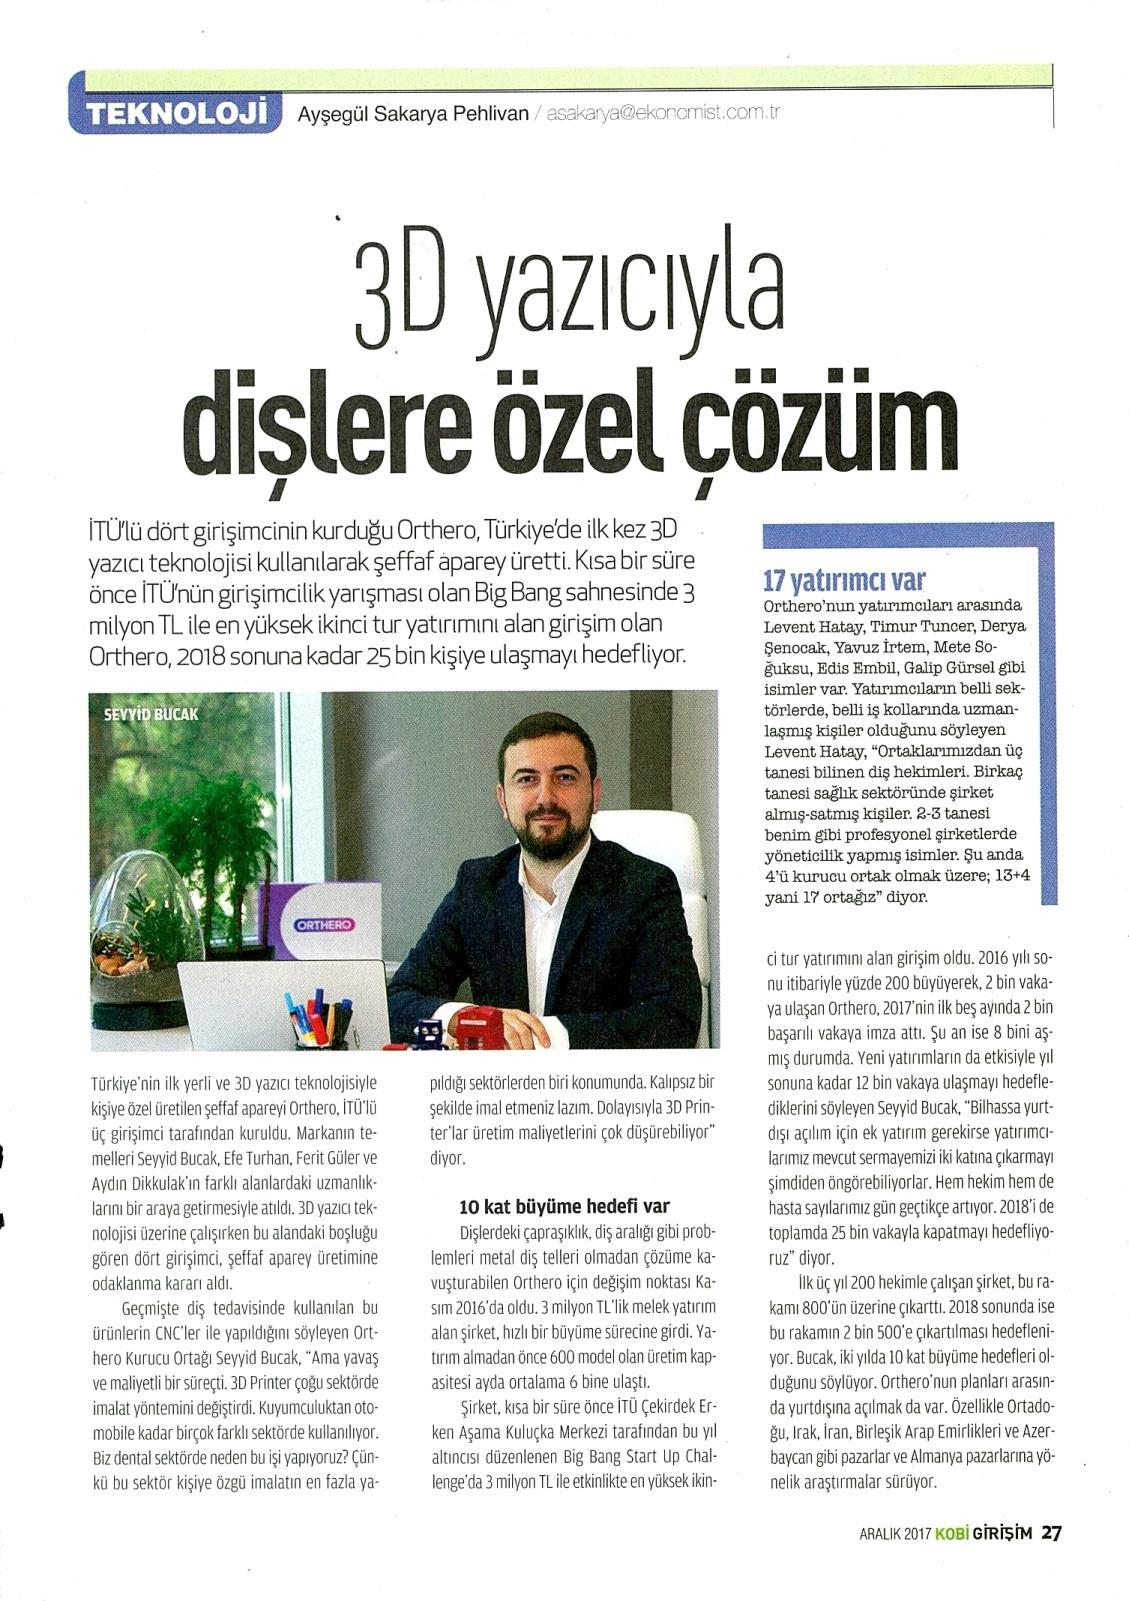 EKONOMİST+KOBİ+GİRİŞİM_20171217_27